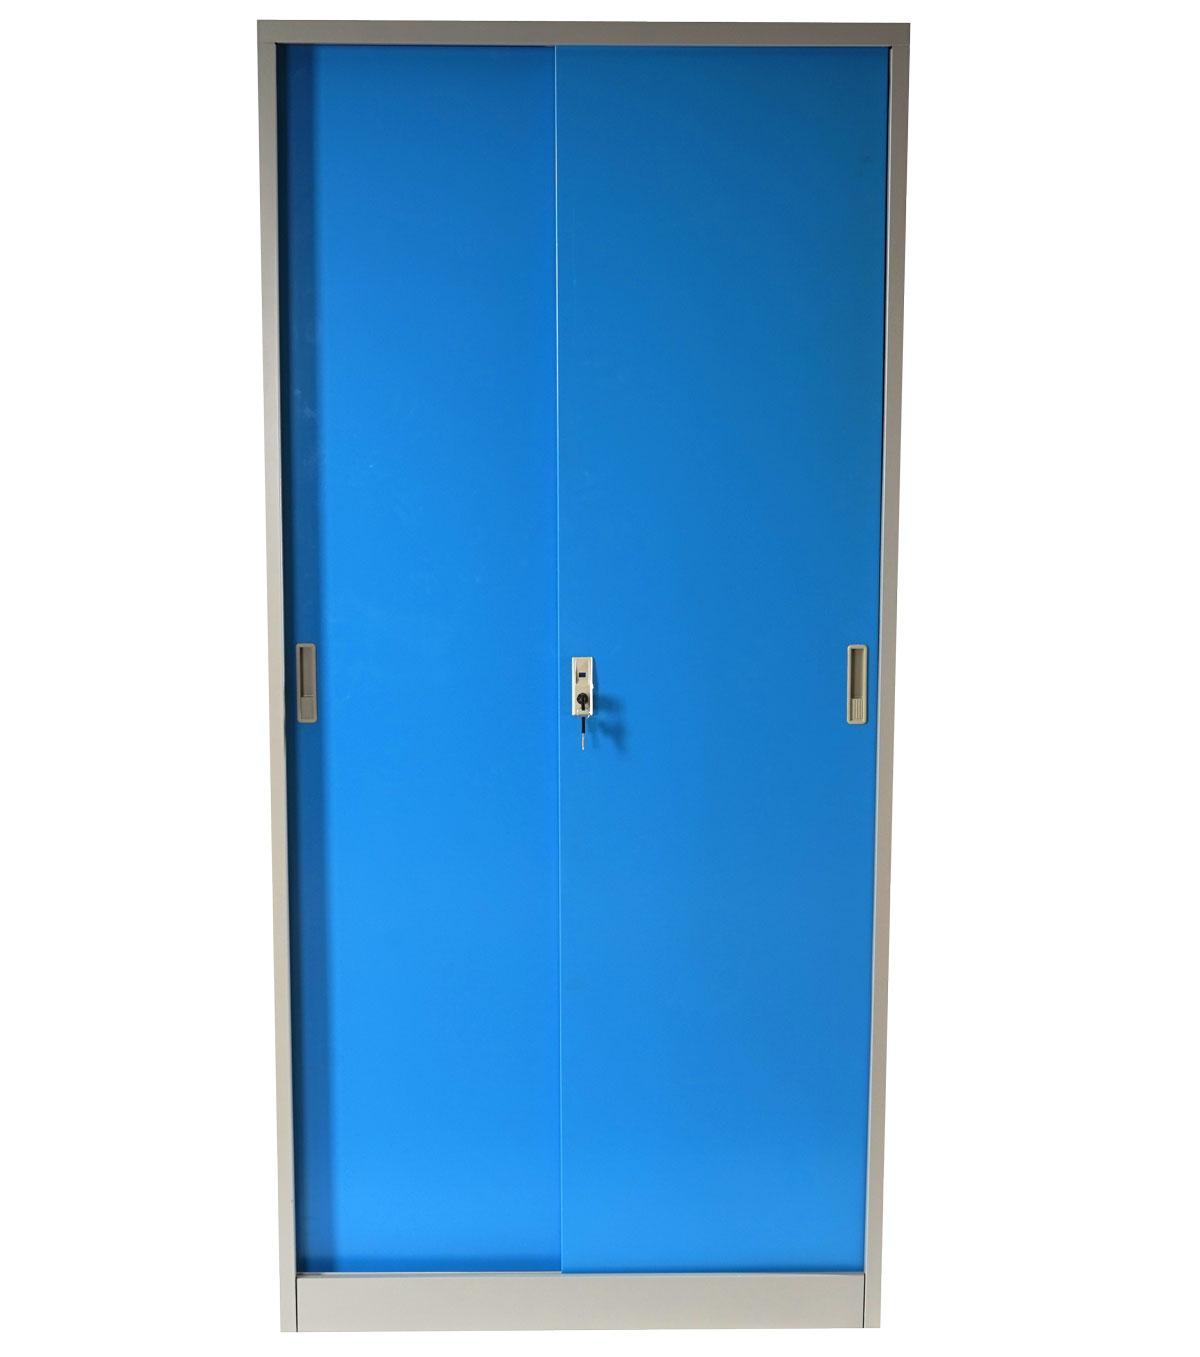 meuble classeur boston t131 vestiaire placard en m tal 43kg bleu ebay. Black Bedroom Furniture Sets. Home Design Ideas